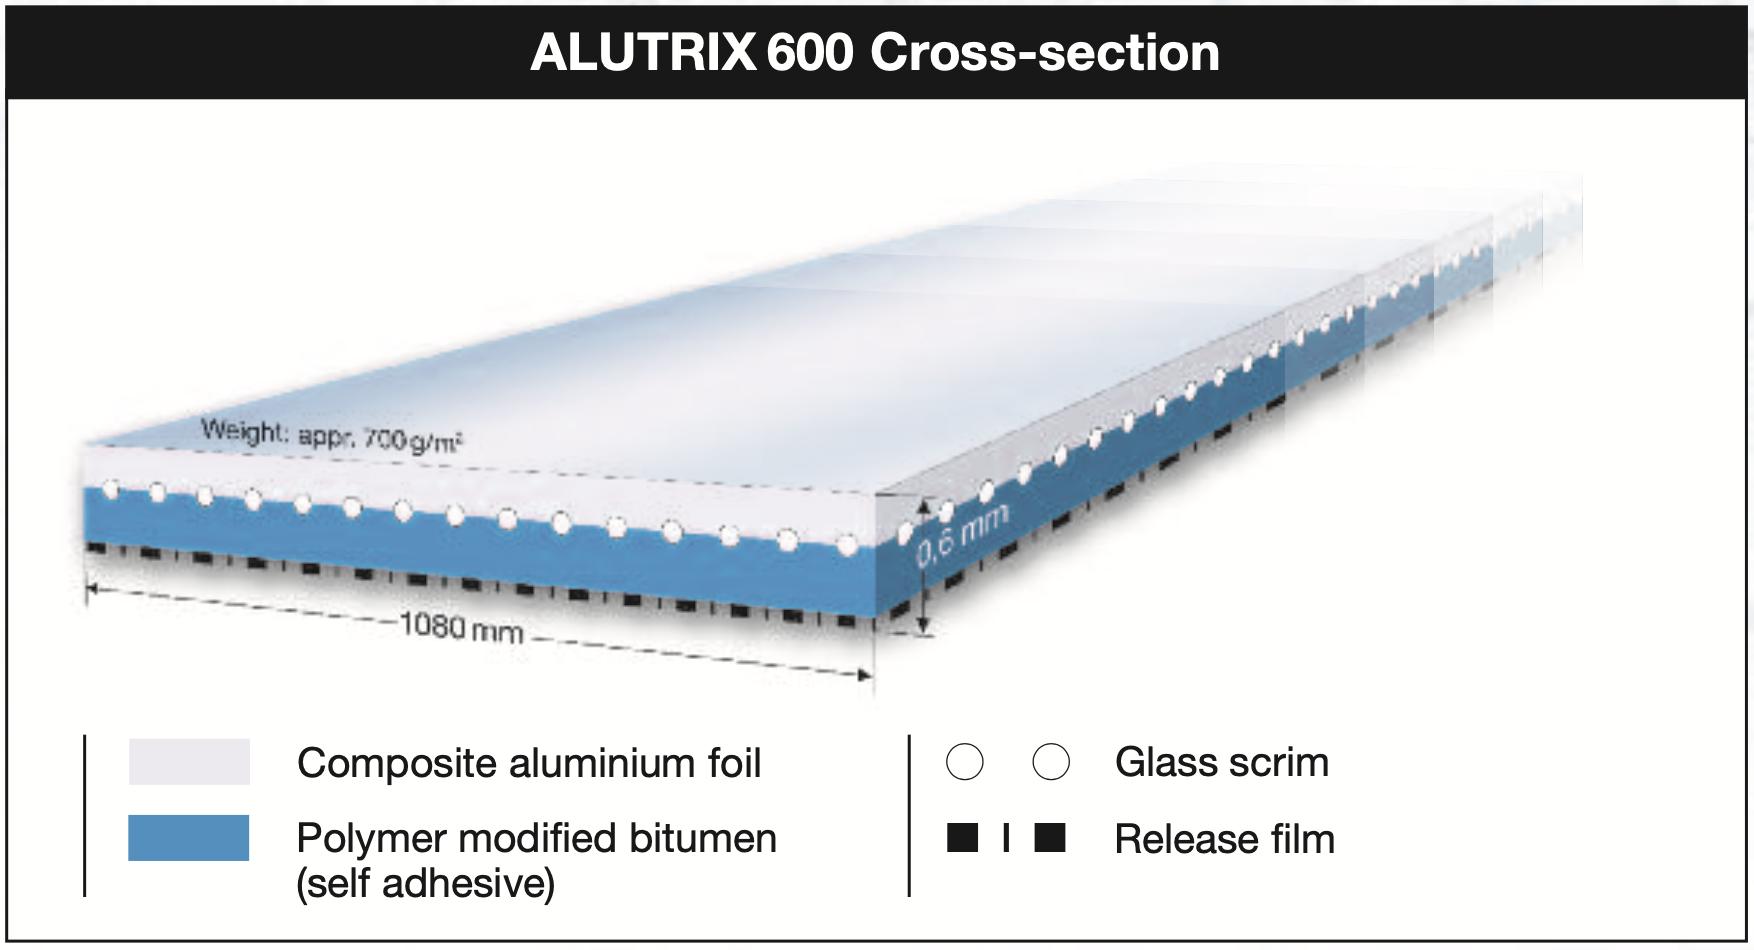 Alutrix 600 Vapour Control Layer construction diagram